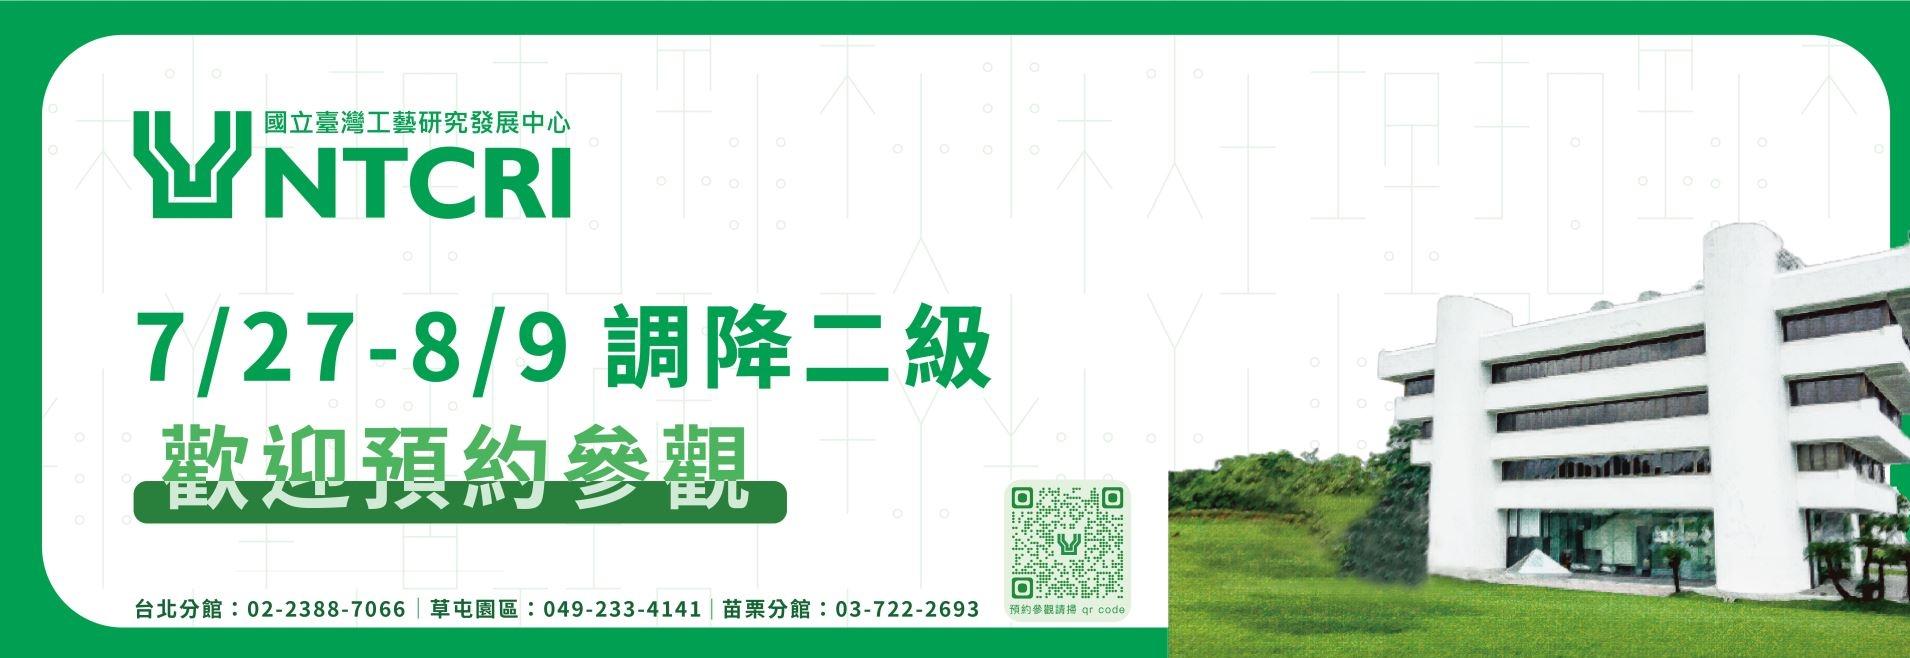 國立臺灣工藝研究發展中心自7月26日起,各場館開放預約民眾優先參觀「另開新視窗」